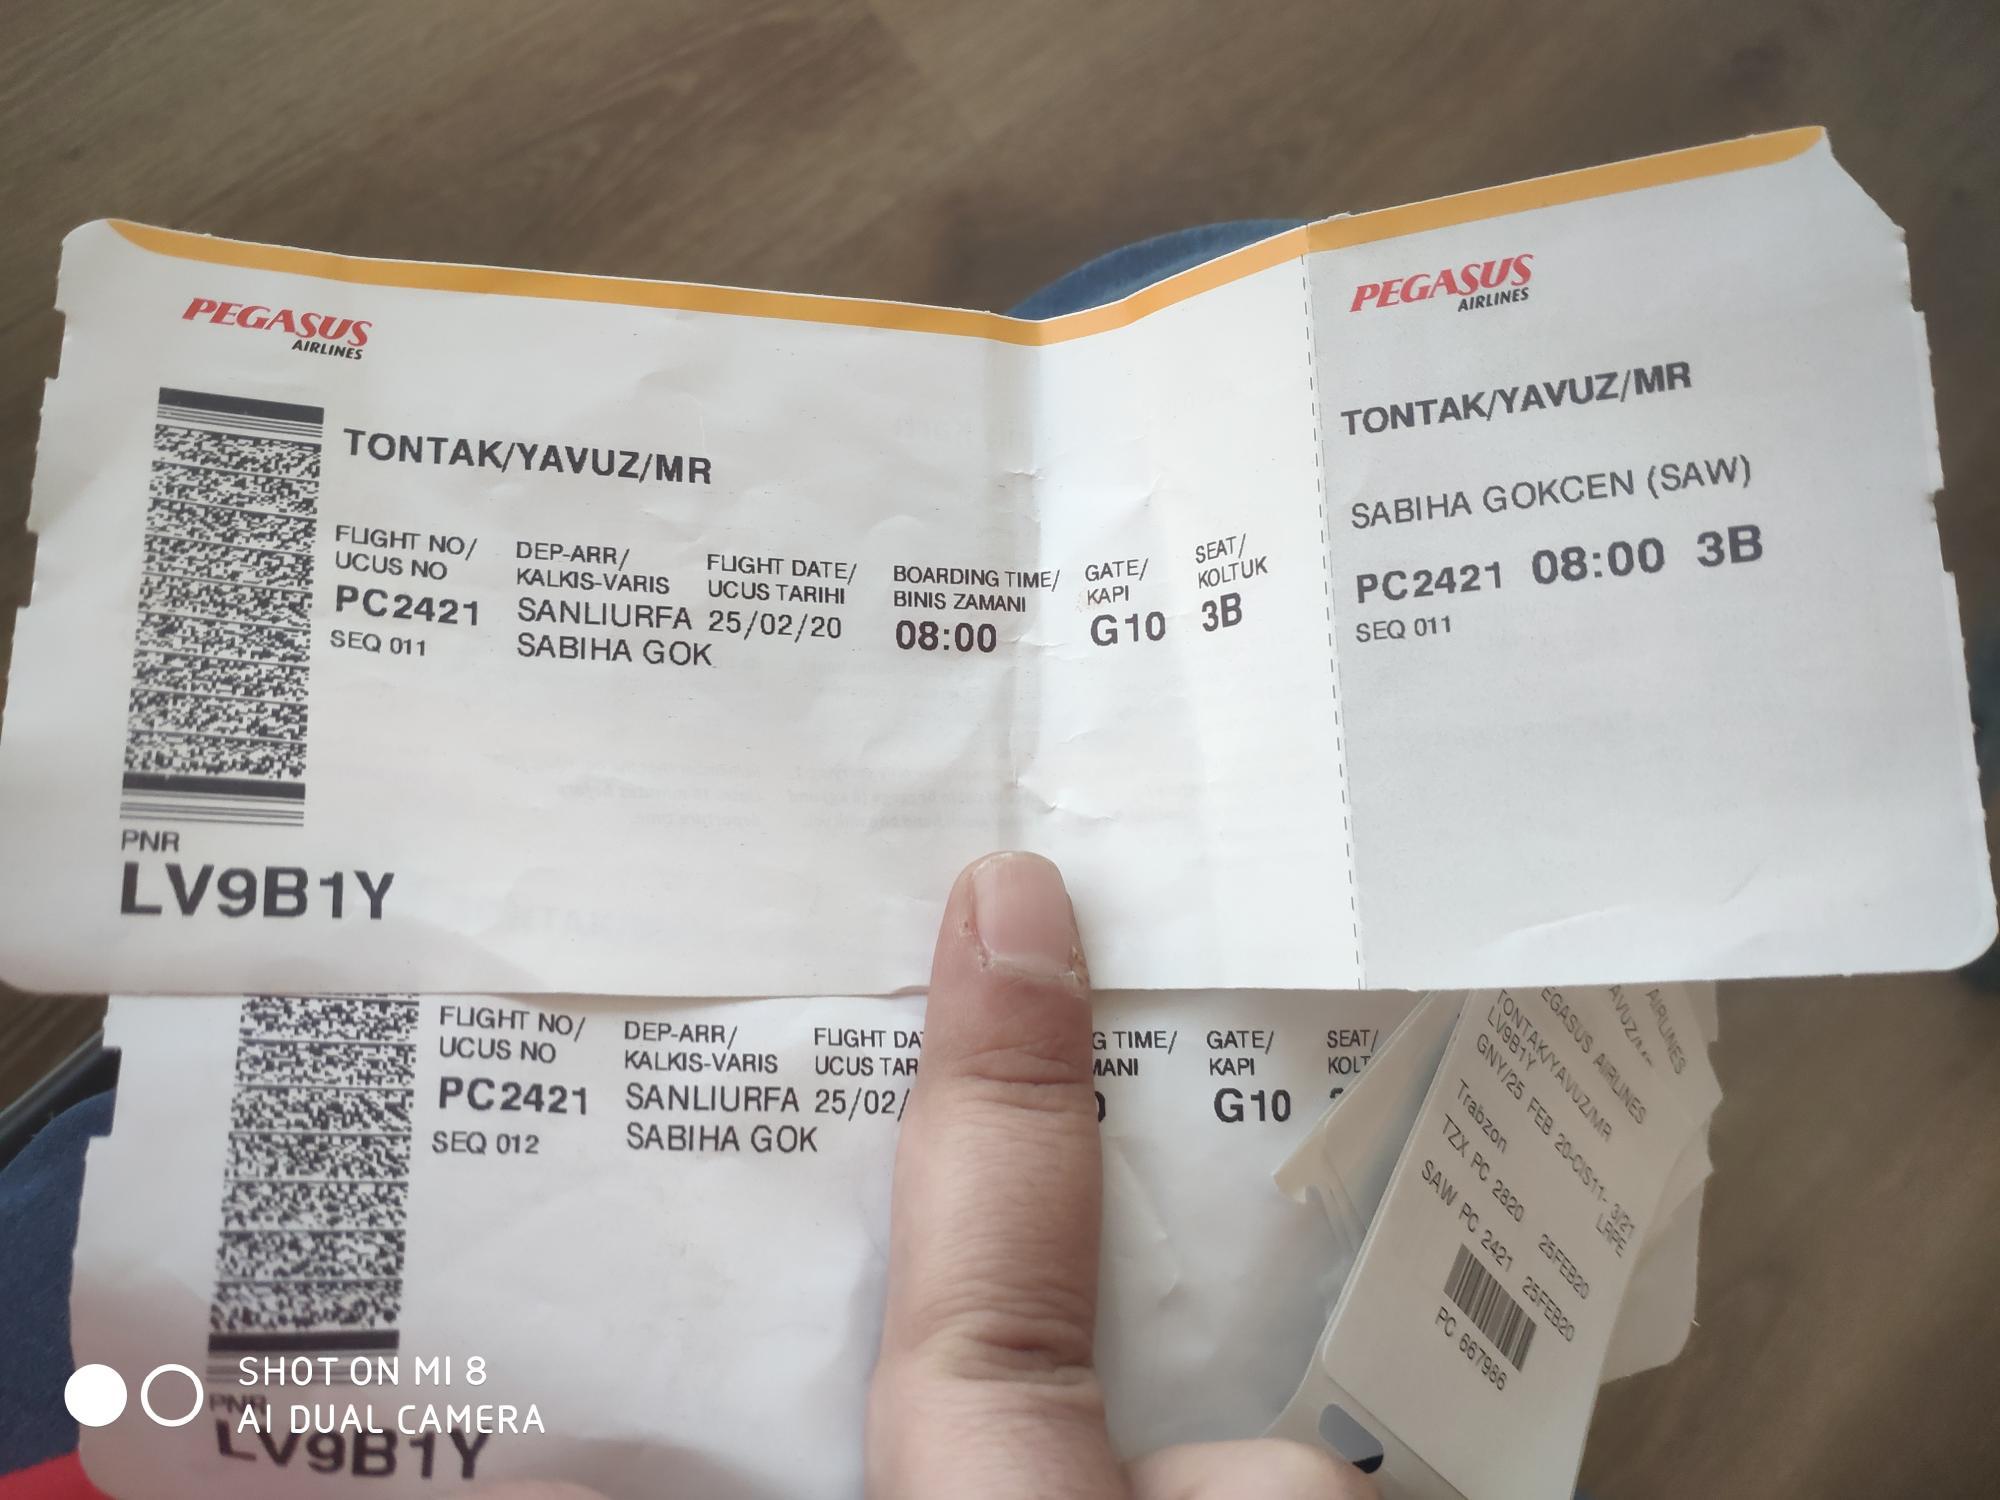 Pegasus Koltuk Numarasi Ve Trabzon Sikayetleri Sikayetvar